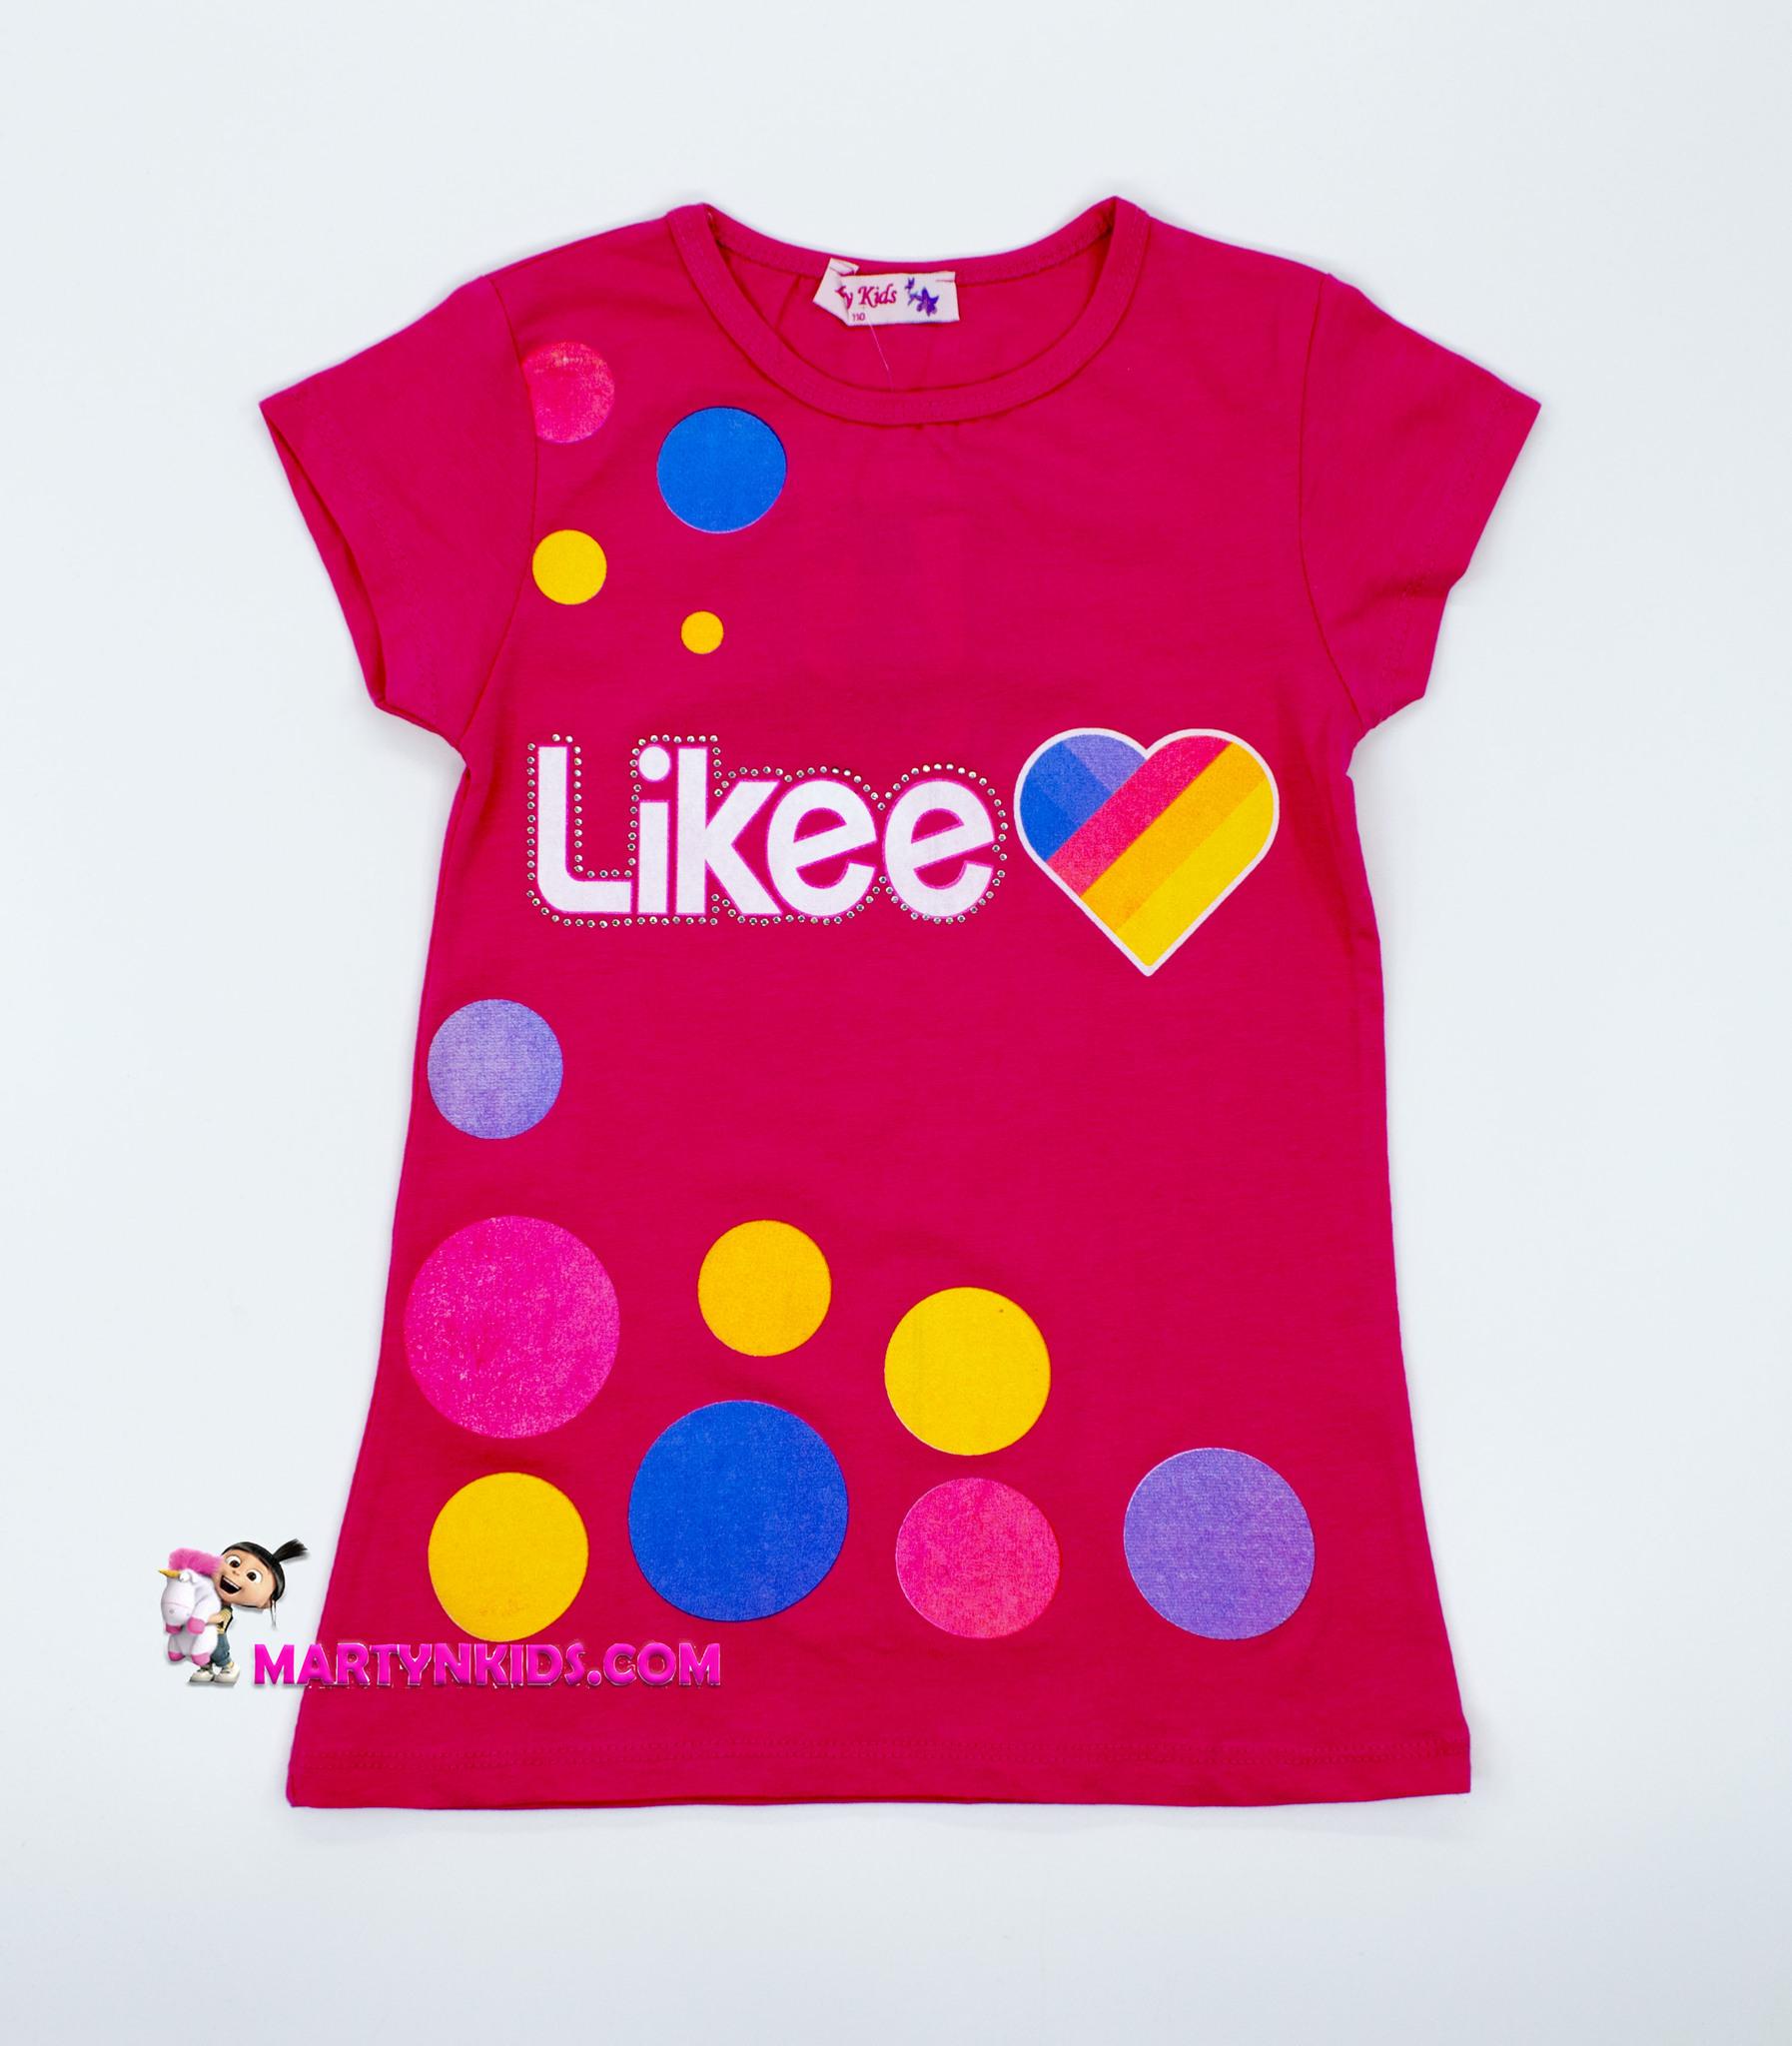 2598  футболка Likee шарики